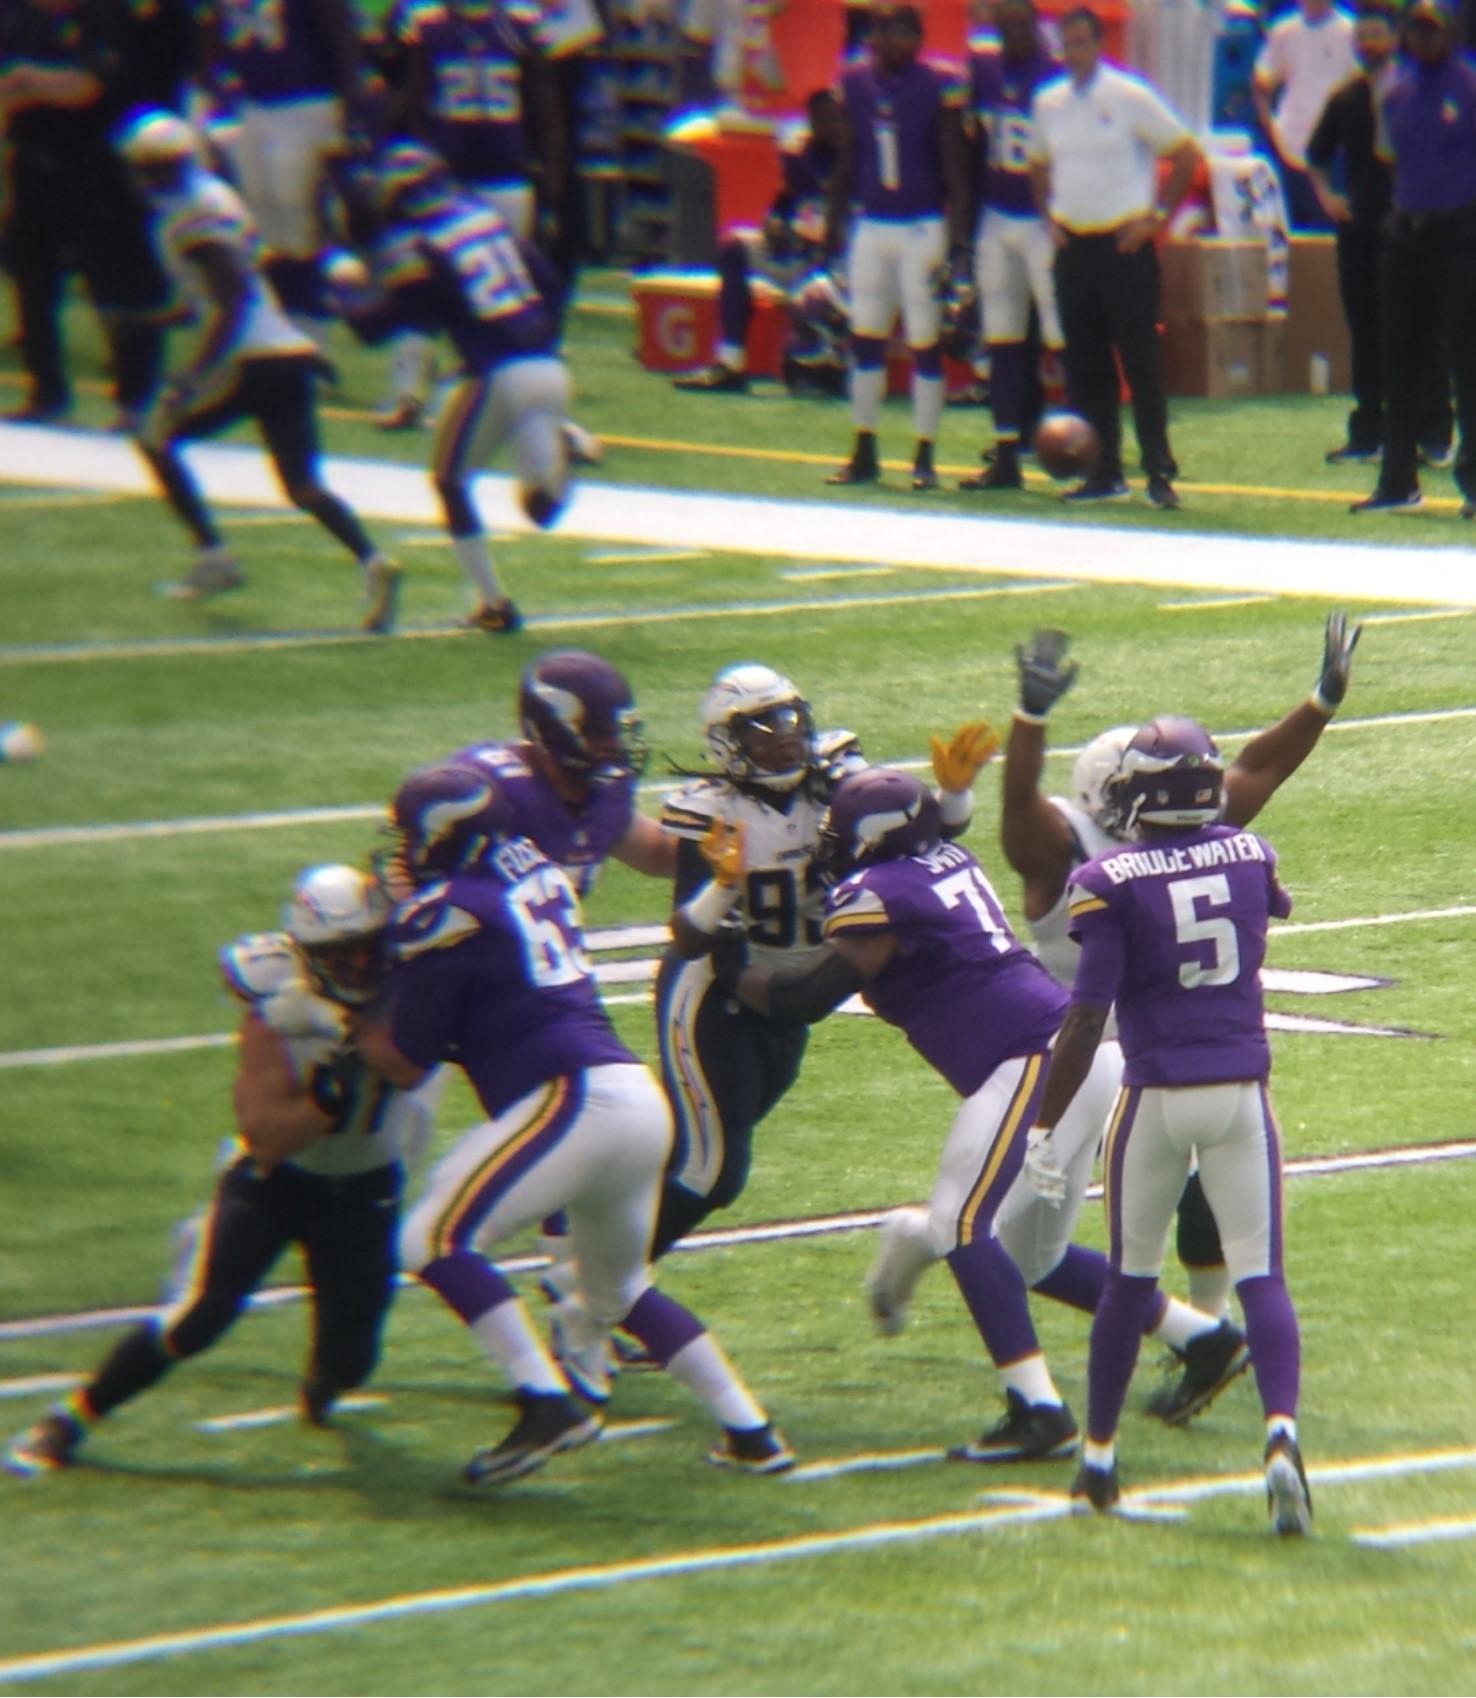 Minnesota Vikings U.S. Bank Stadium First Game - Teddy Bridgewater Pass